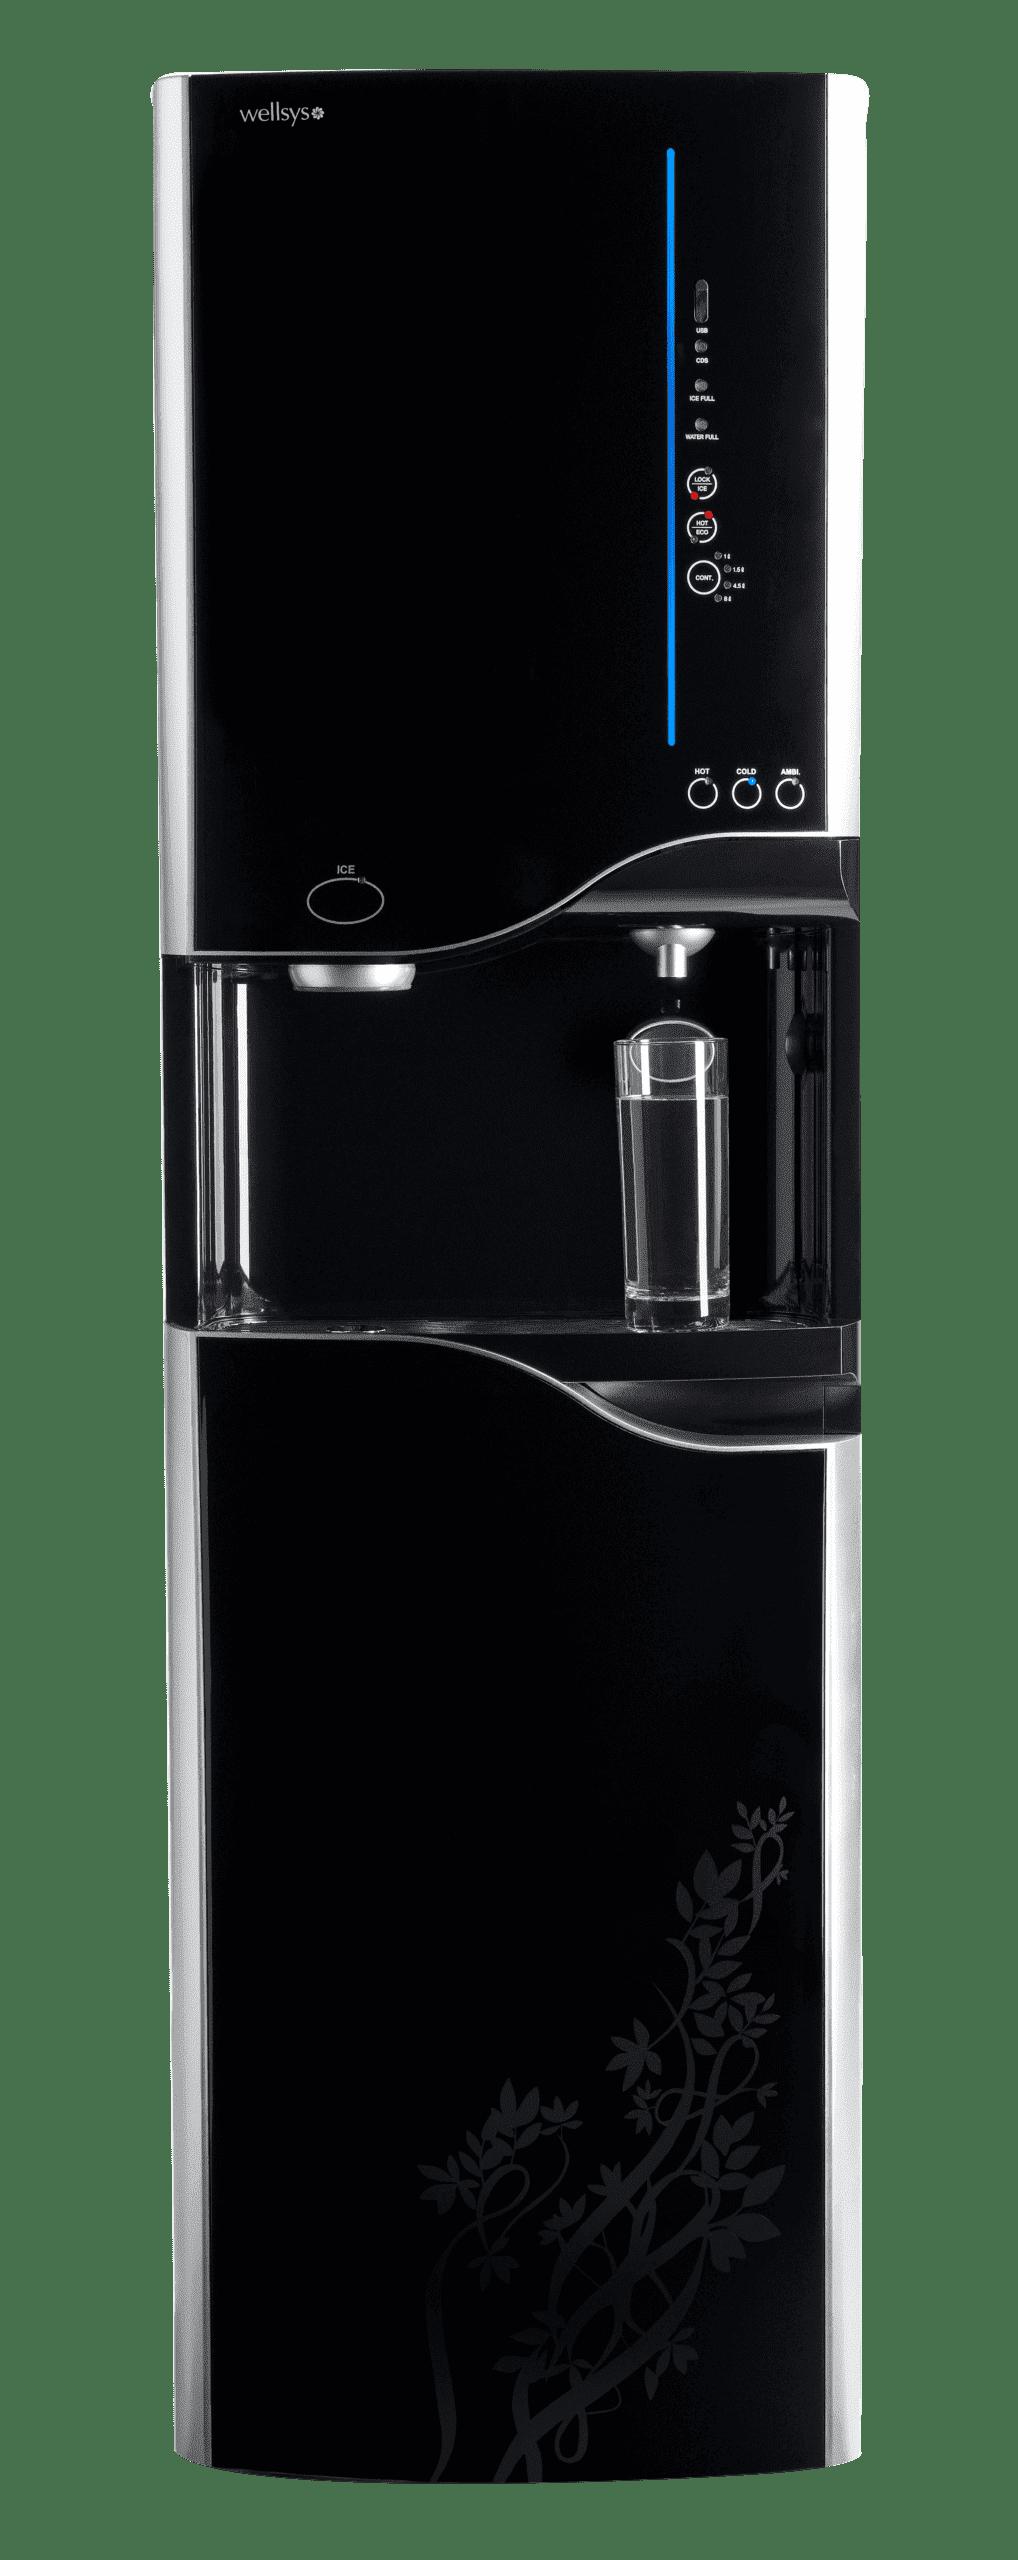 WS12000 Bottleless Water Cooler